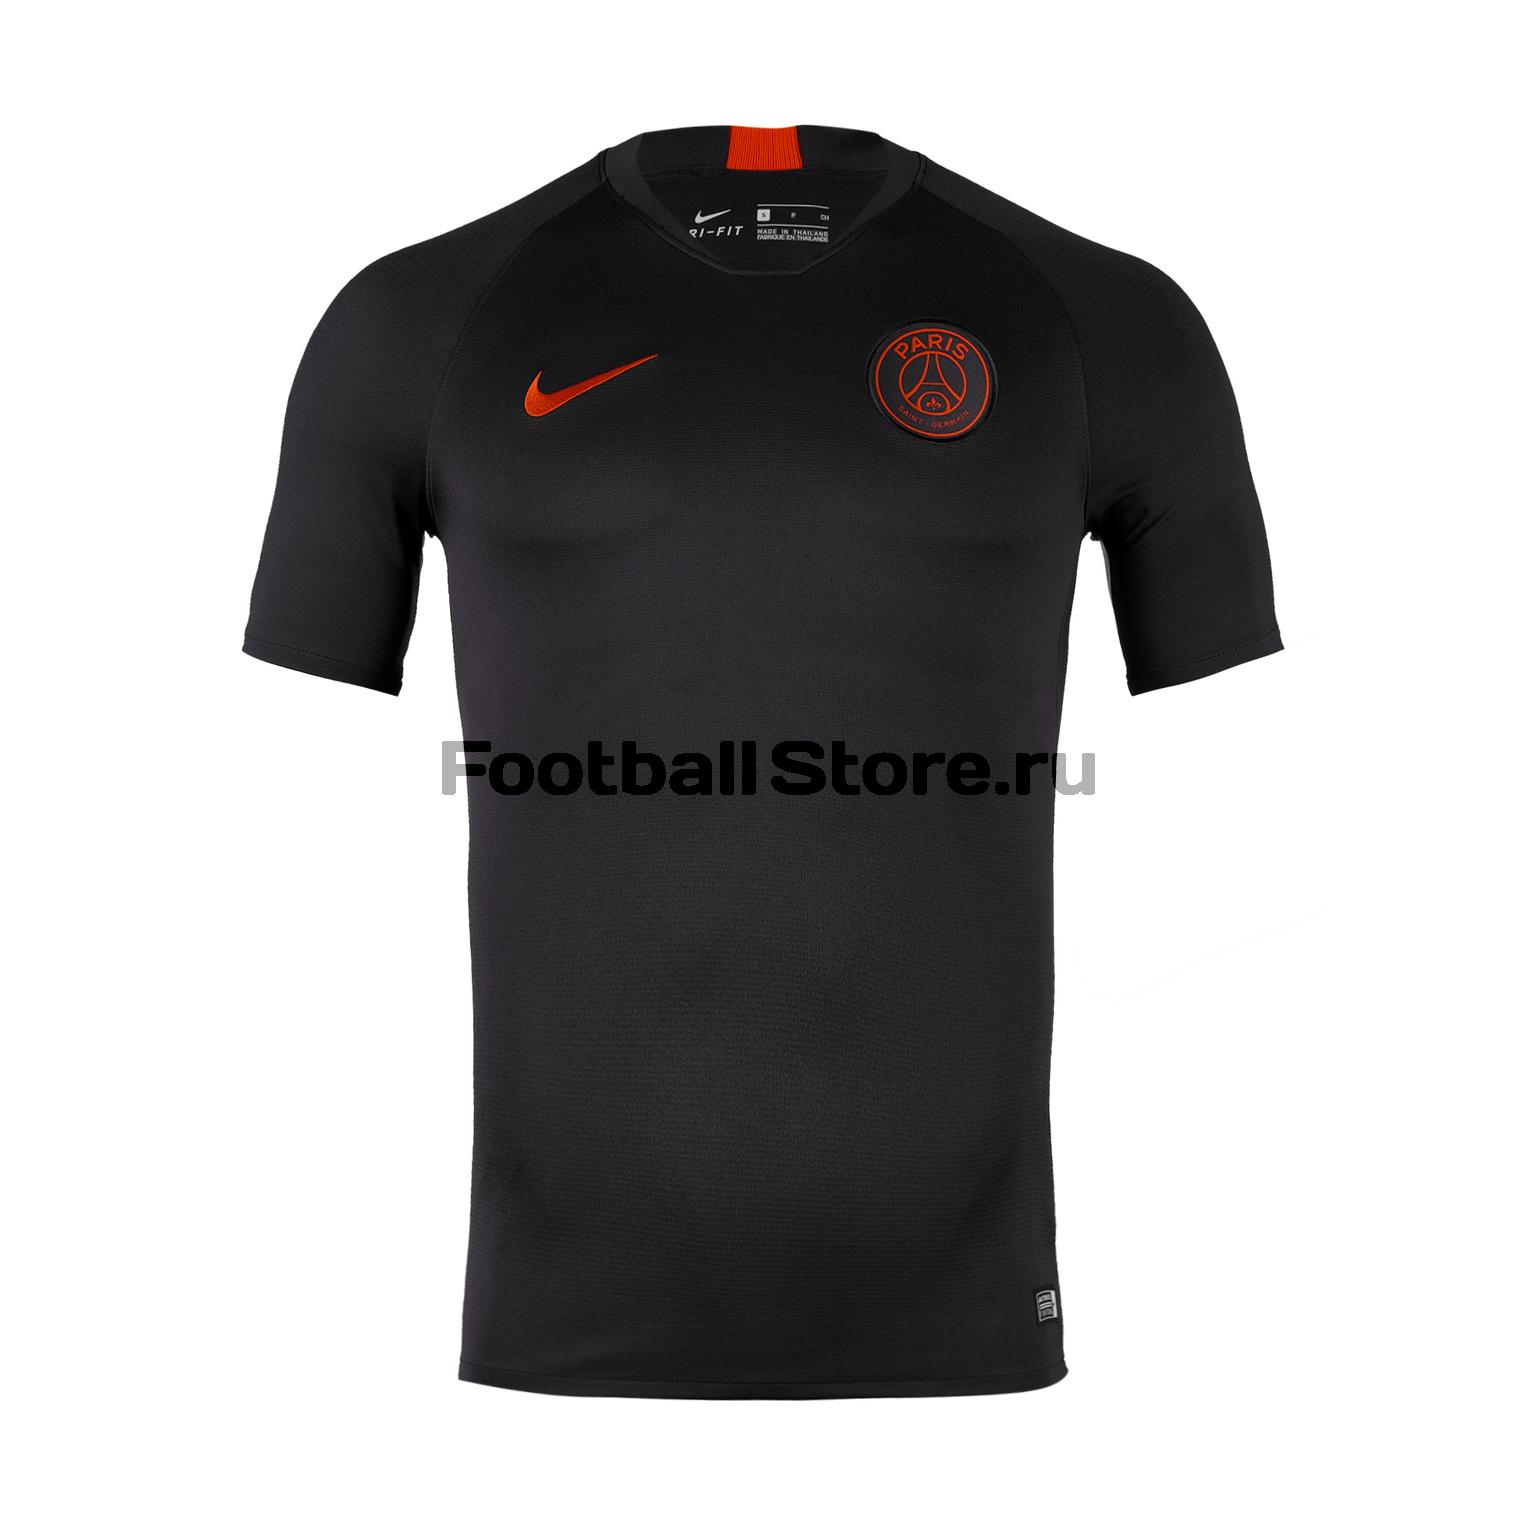 Футболка тренировочная Nike PSG Strike Top AO5147-081 футболка тренировочная nike strike top at5870 010